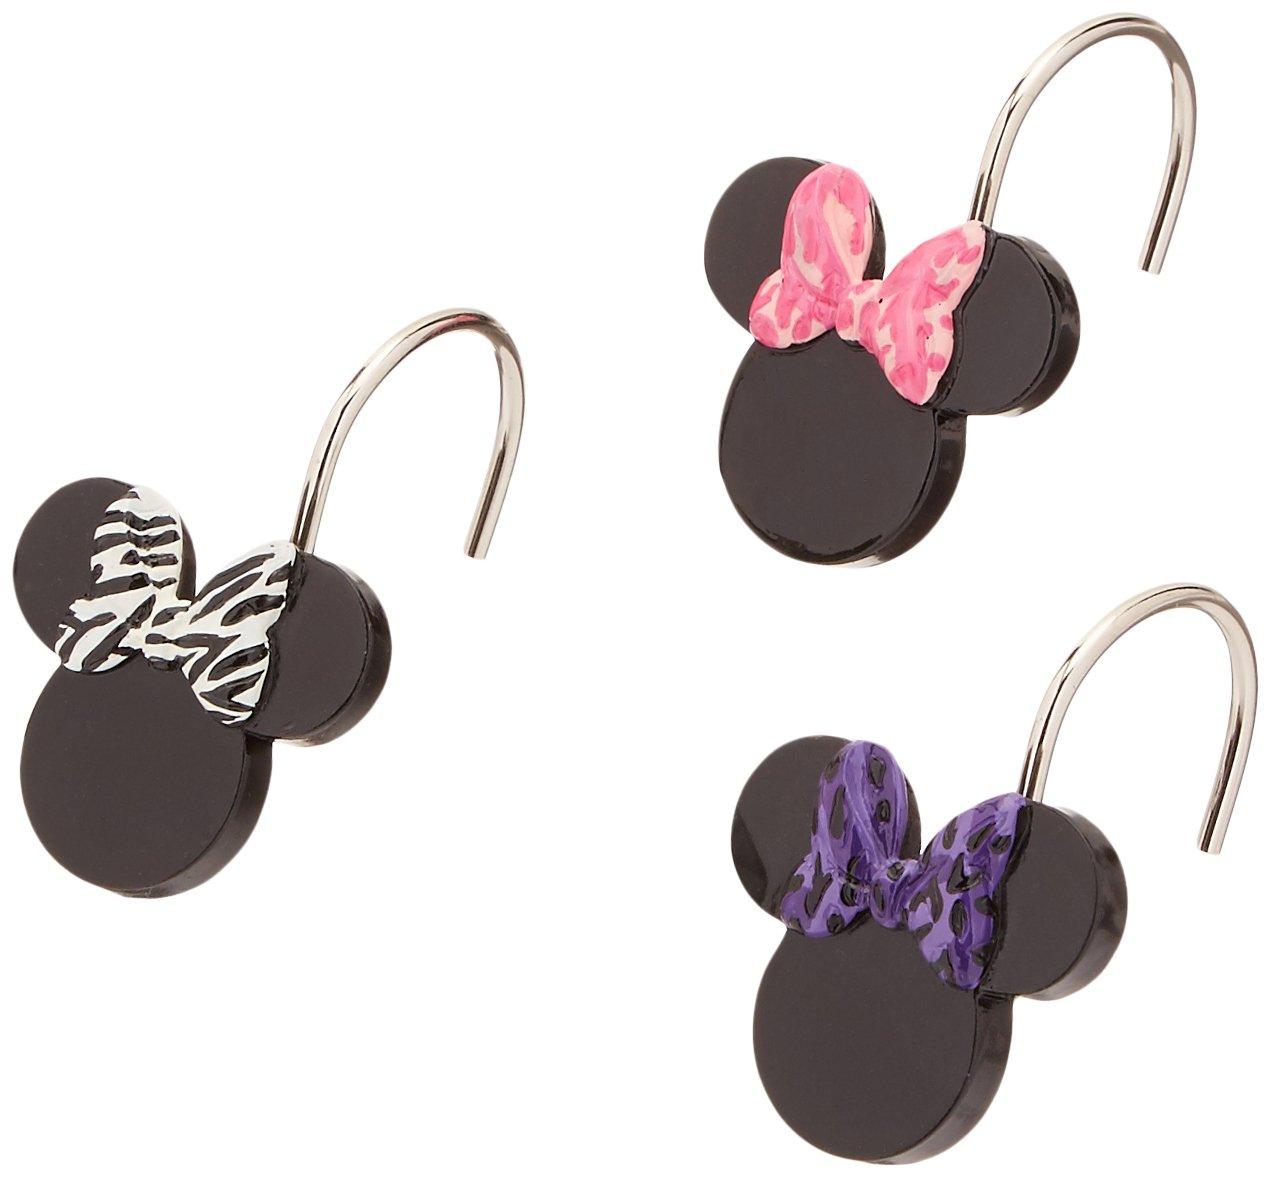 Disney Minnie Mouse XOXO Black/Pink/White Cotton Tufted Bath Rug JF07738E